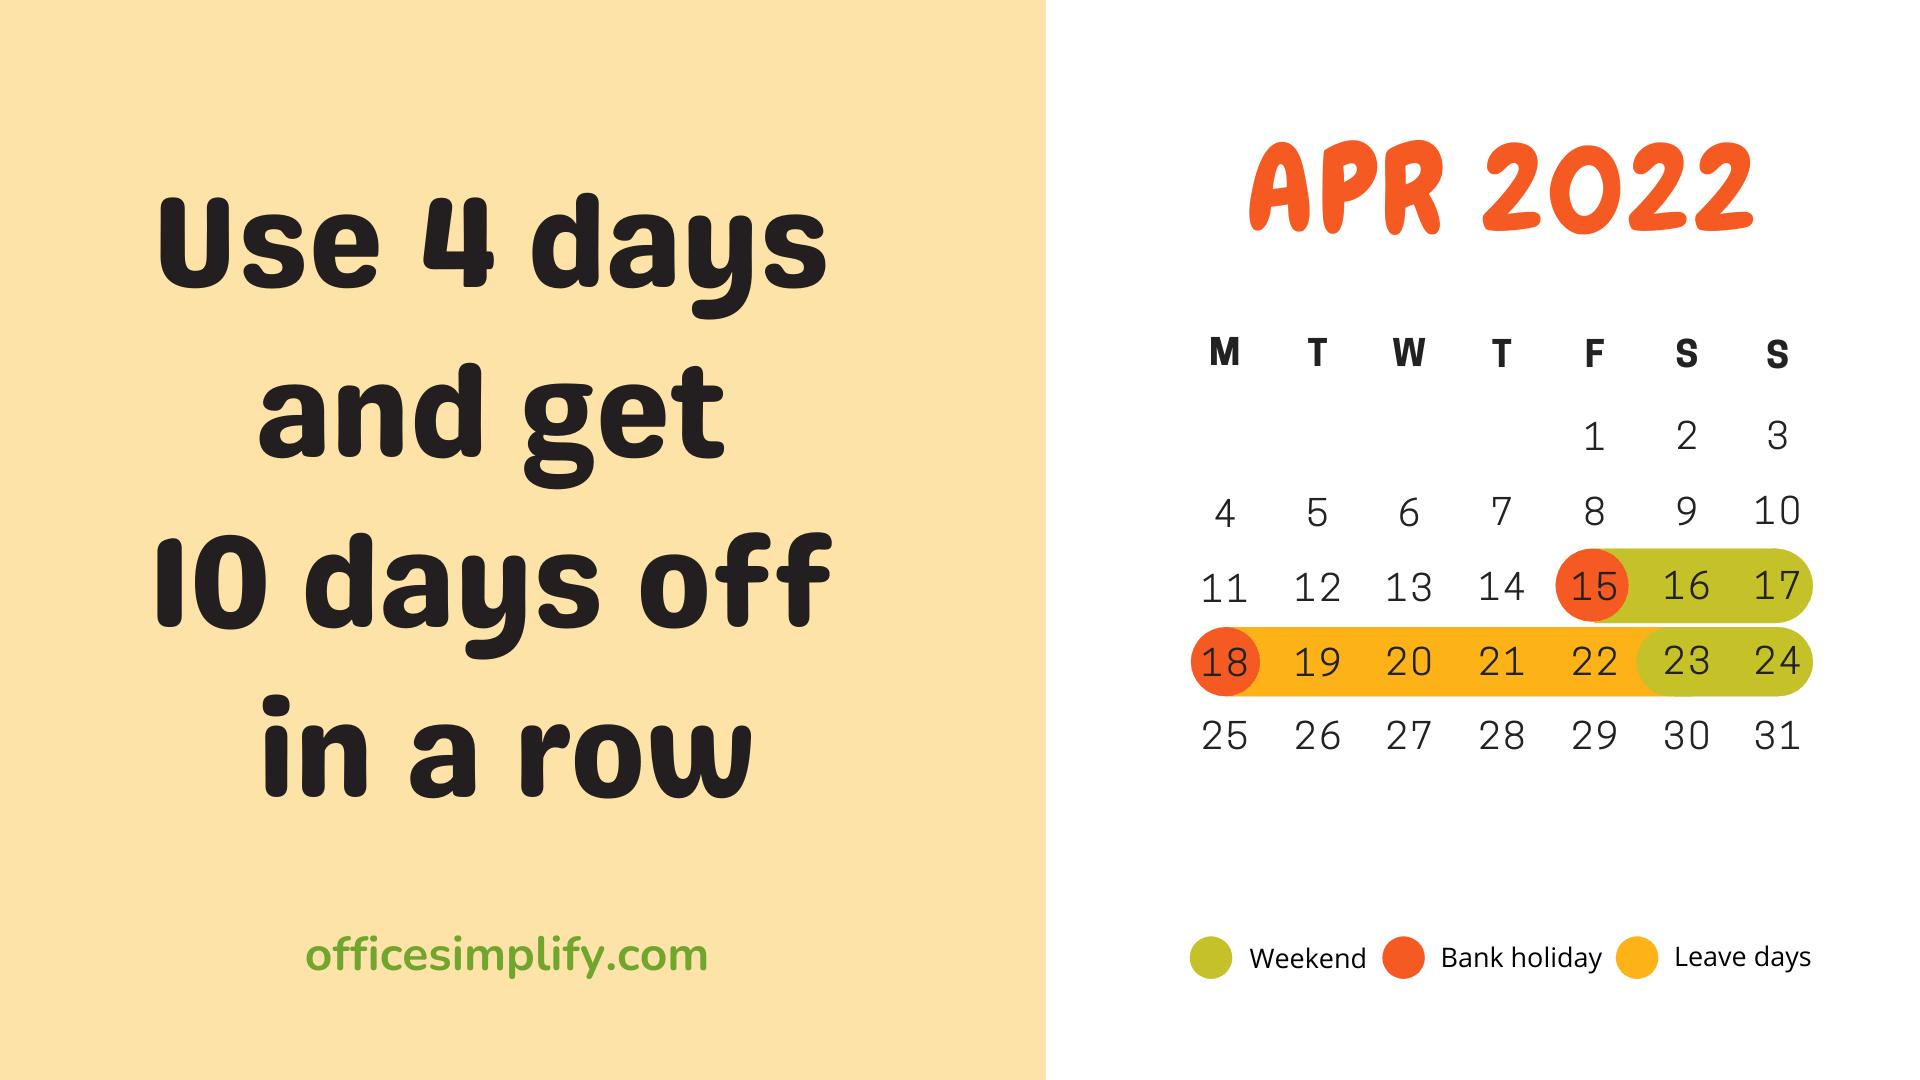 April 2022 employee leave plan